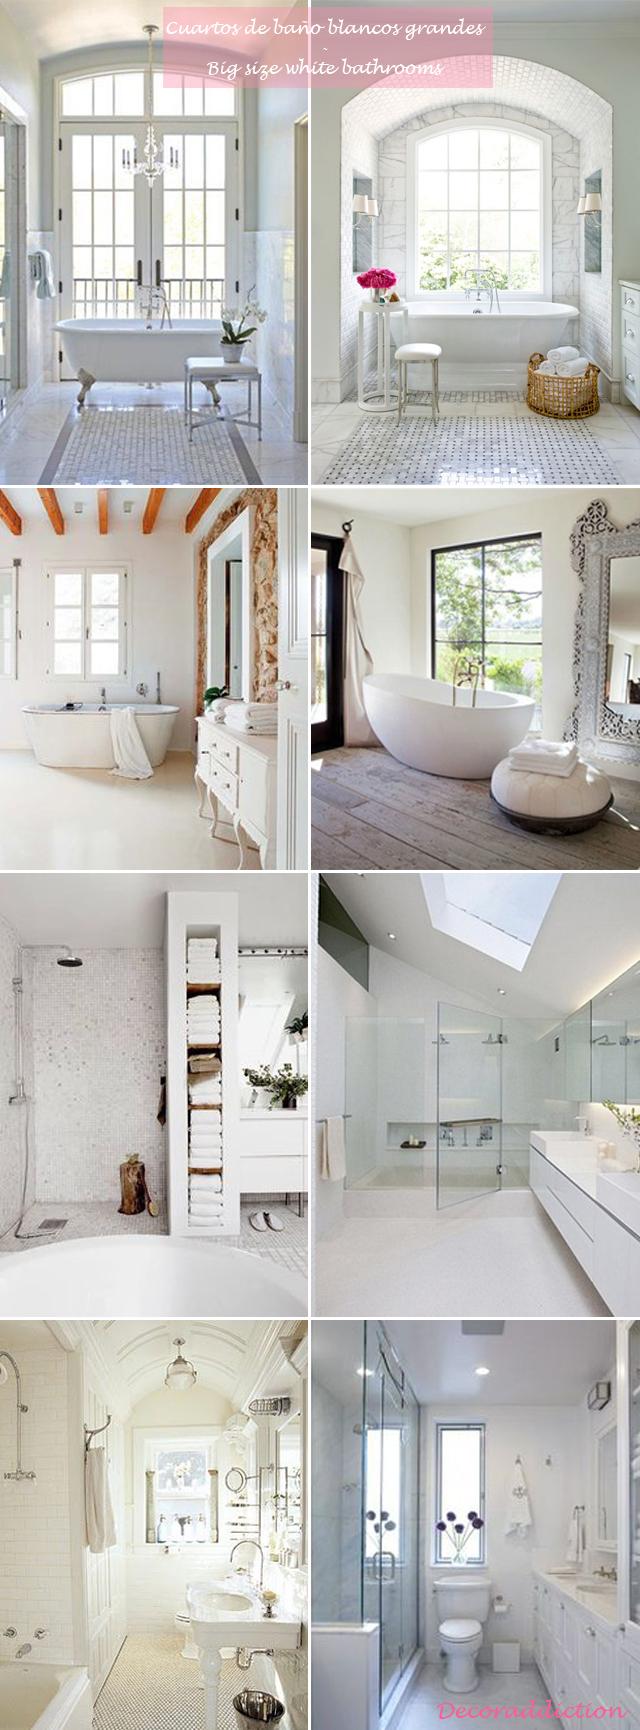 Me encantan los cuartos de baño blancos - I love white bathrooms_grandes